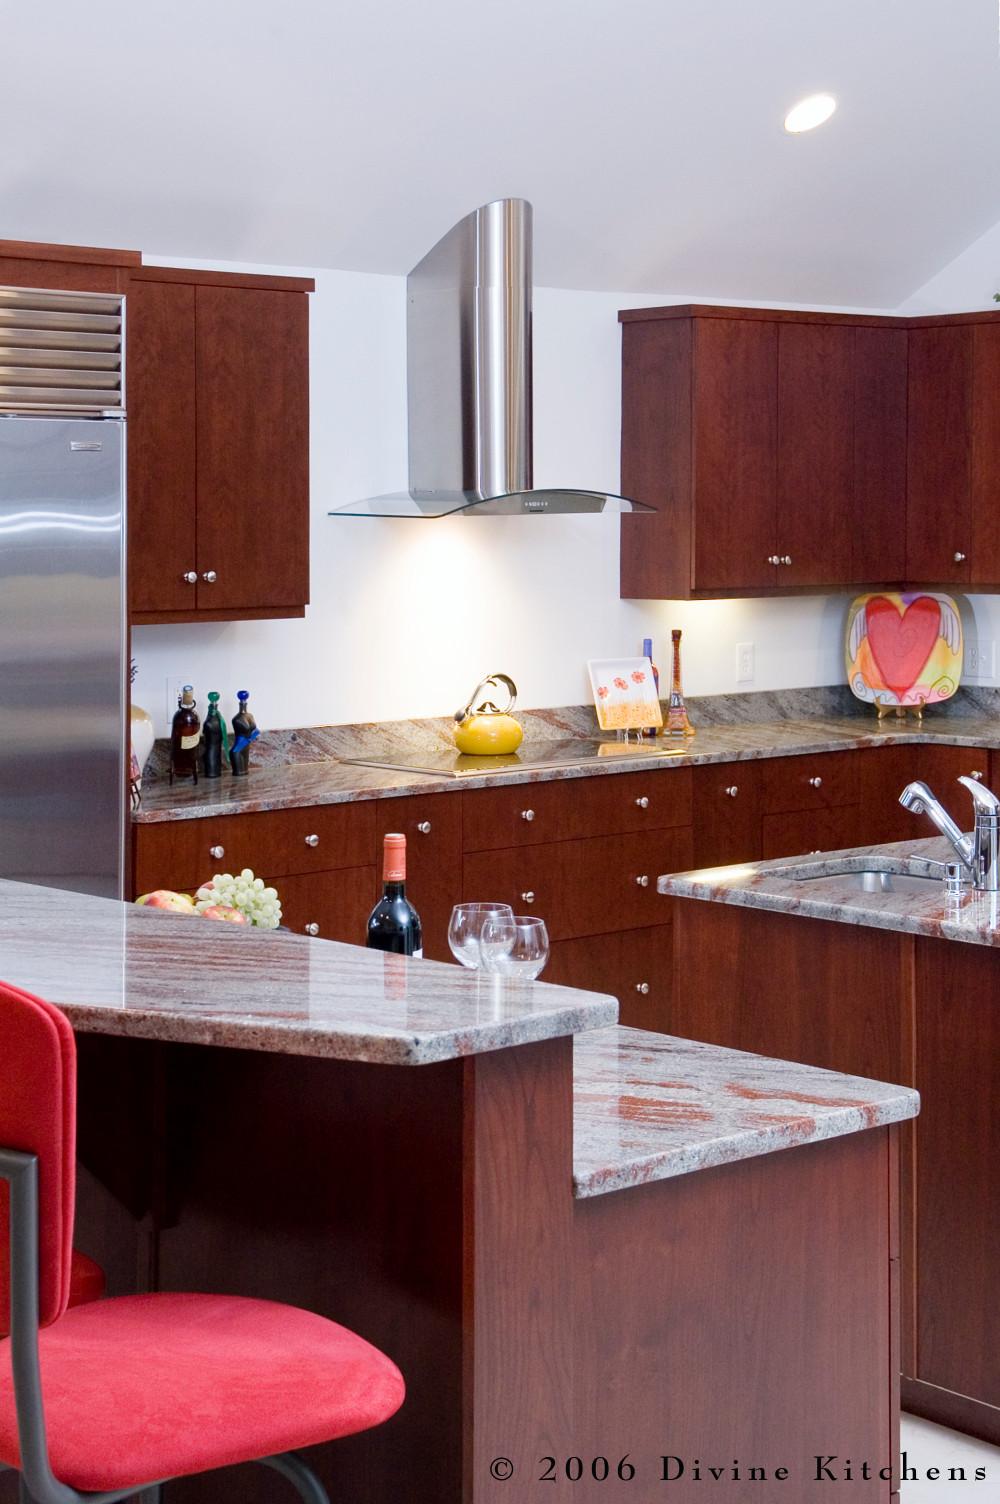 Boston Metrowest Modern Contemporary Cherry Kitchen ...